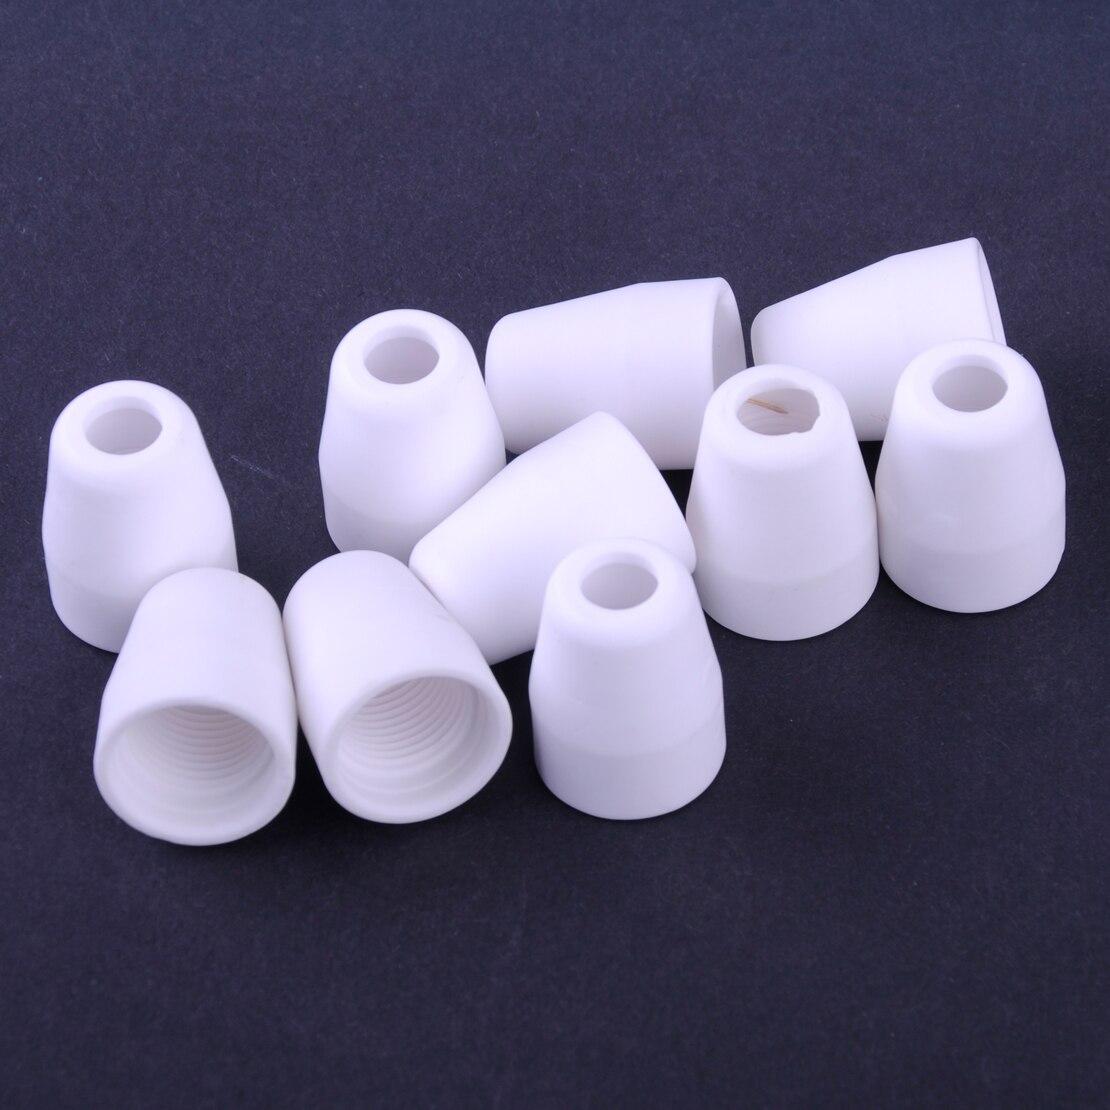 LETAOSK 50pcs Ceramics Plasma Shield Cups Fit for LG-40 PT-31 CUT40 CUT50 Cutter Cutting Torch Accessories